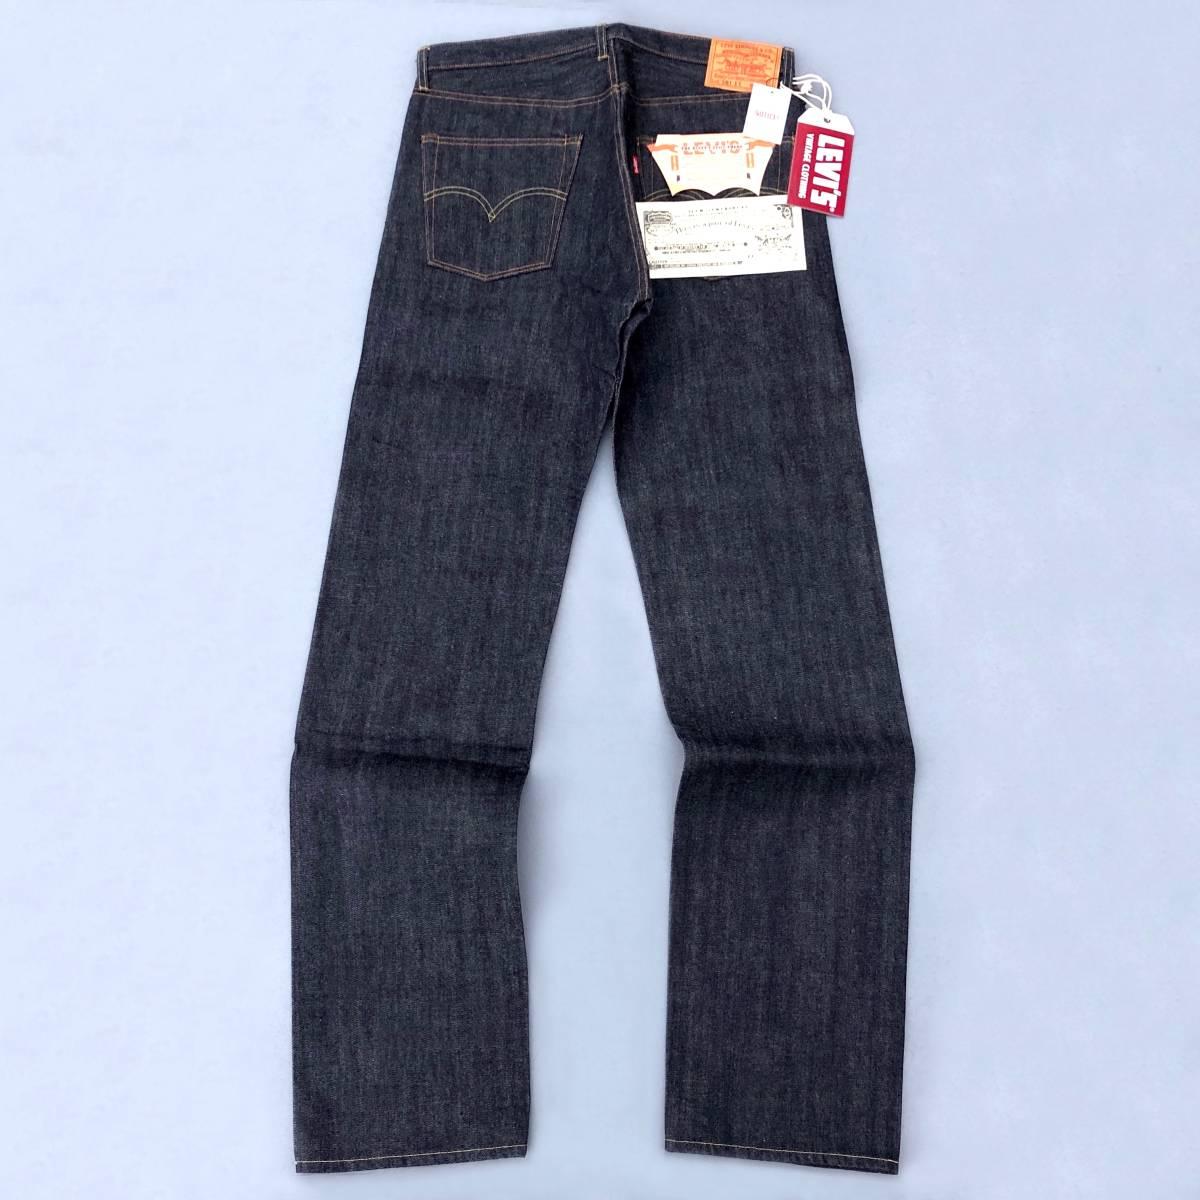 旧 米国製 1955モデル 日本企画 LEVI'S VINTAGE CLOTHING 501XX 55501-0051 W34 L36 リジッド 新品デニムパンツ アメリカUSA製 50s 55s LVC_画像1